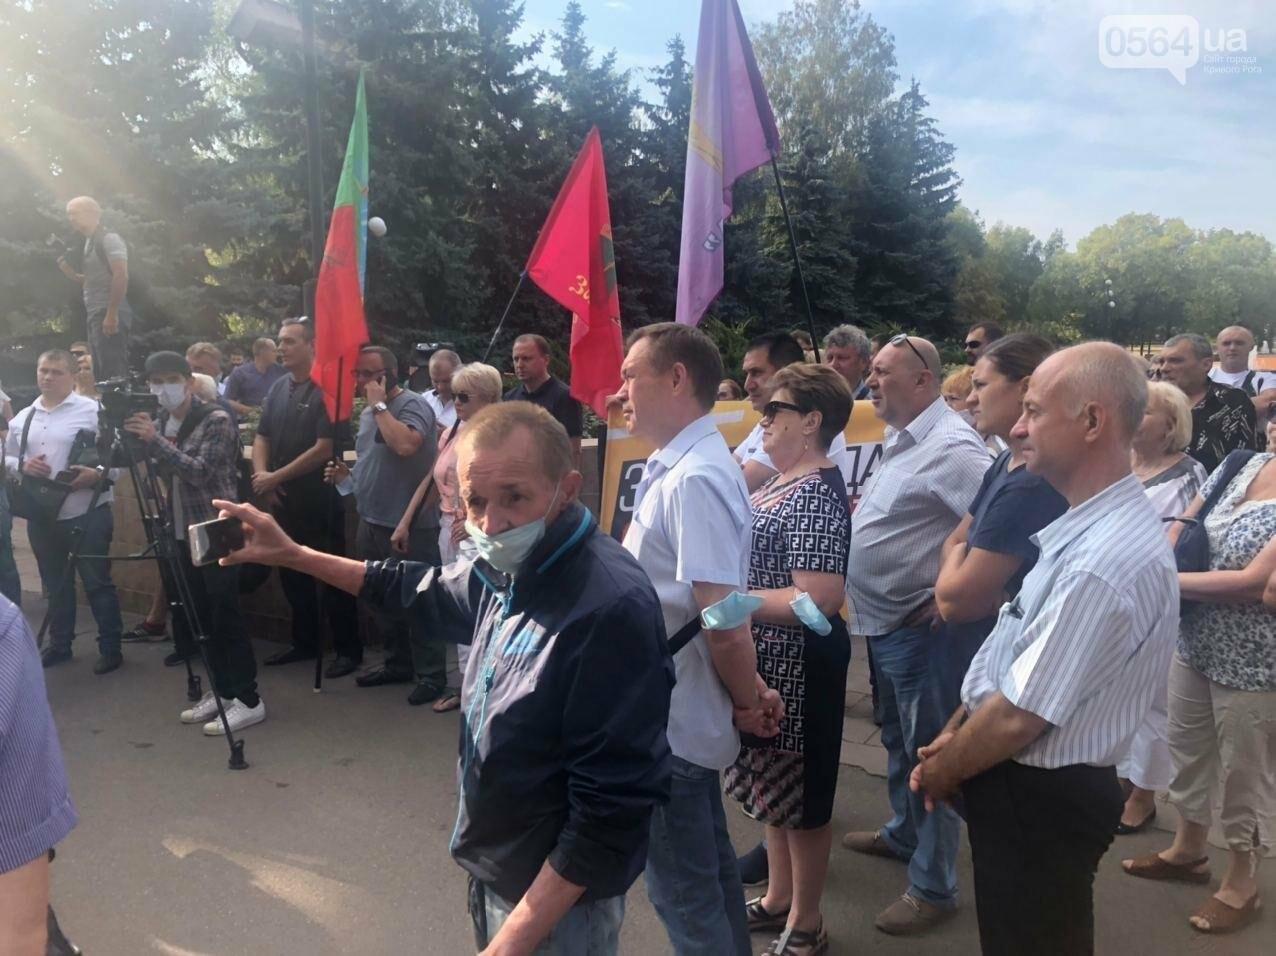 Криворожские предприниматели снова вышли на акцию, - ФОТО, фото-10